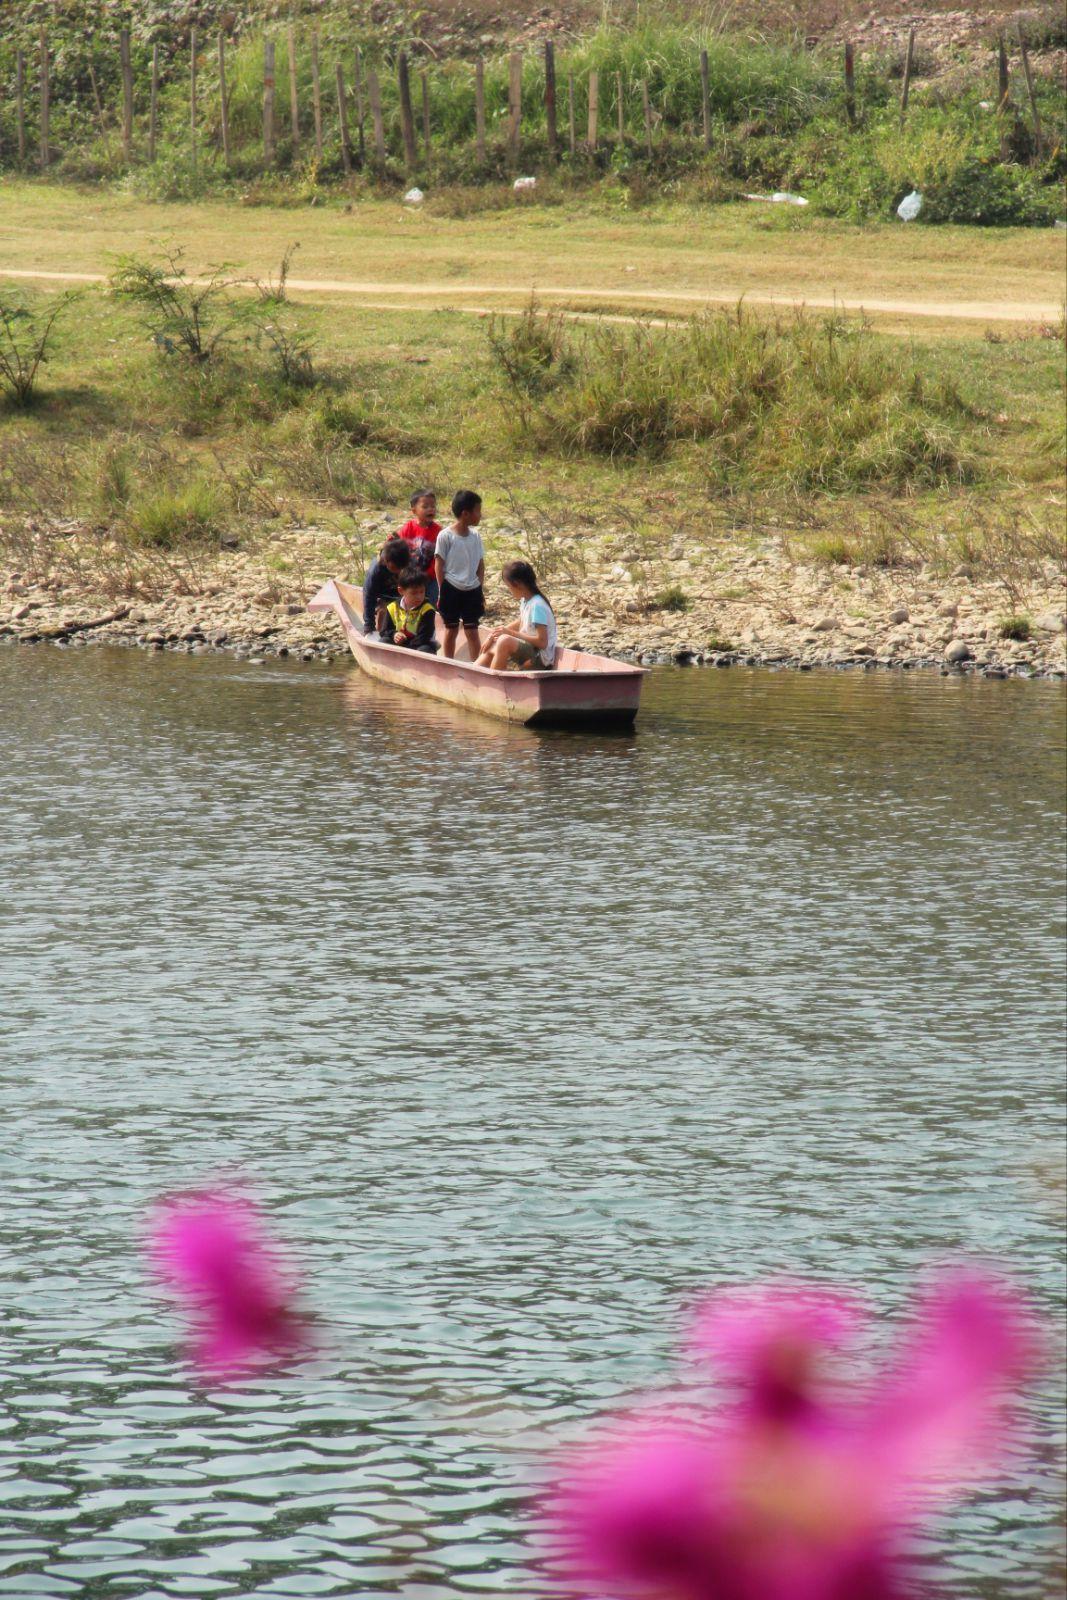 河边玩耍的小孩